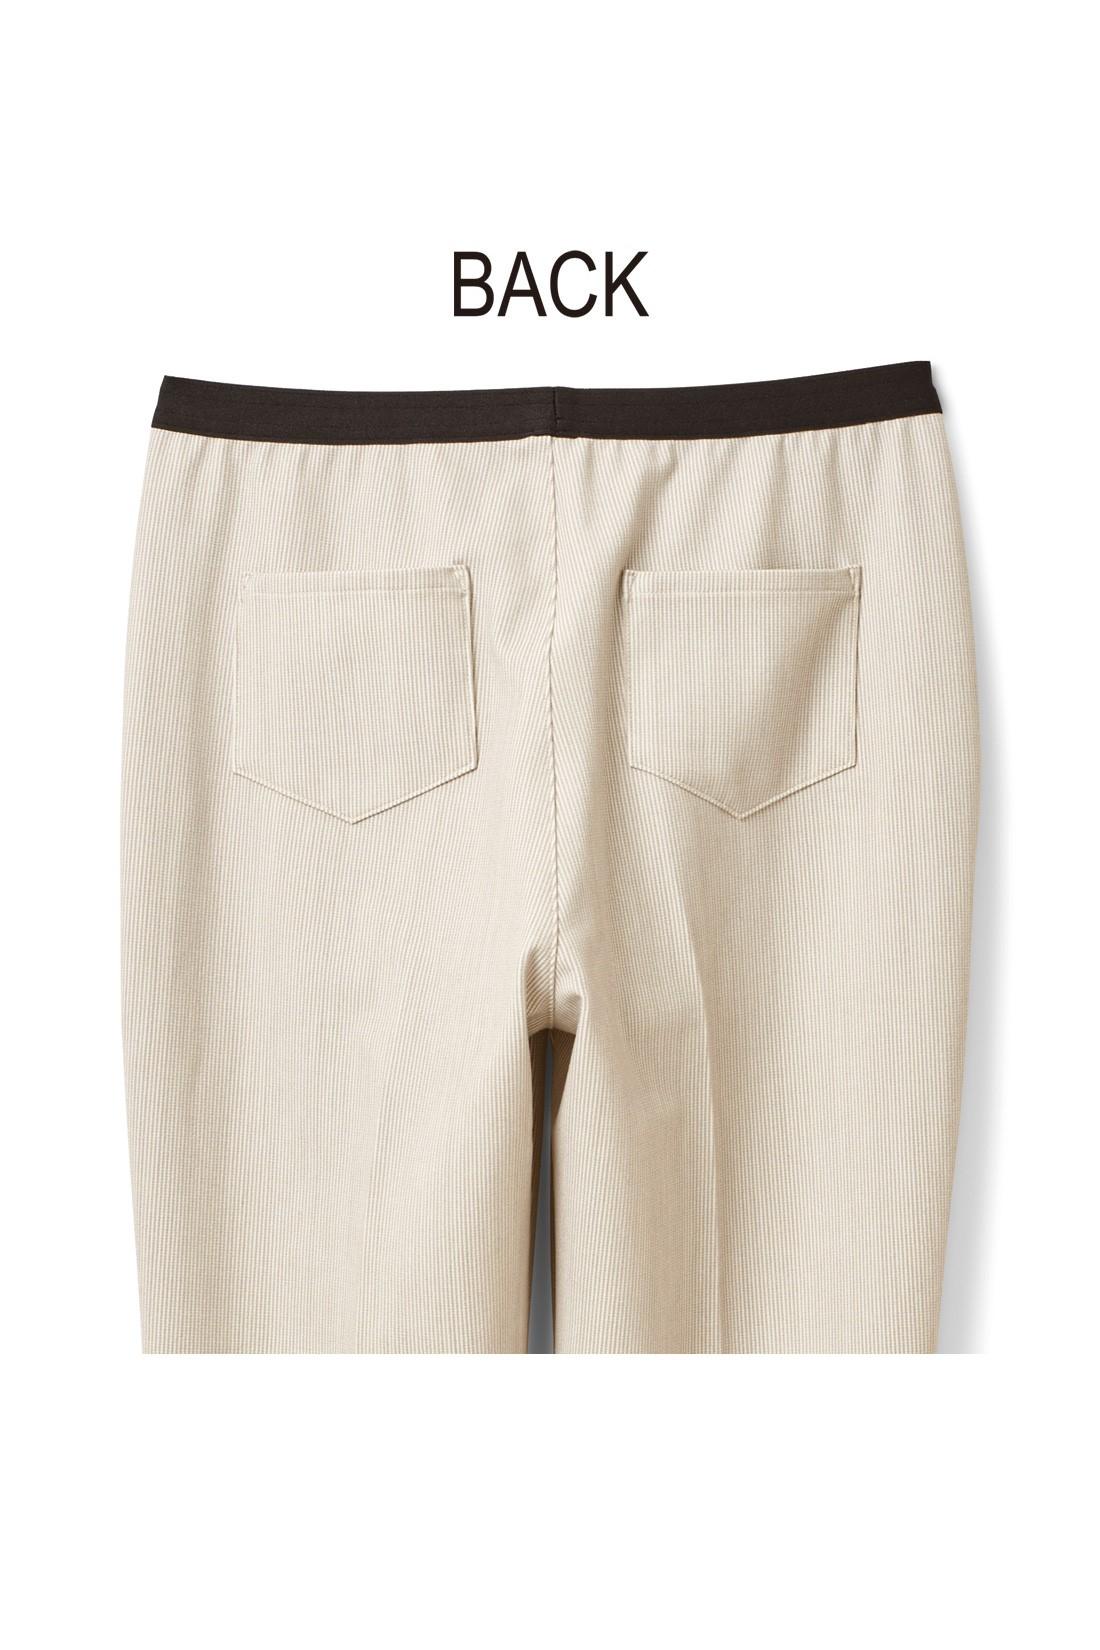 後ろはヒップラインをカバーするポケット付き。ウエストは平ゴムできちんと見えるけどラクちんな仕様。